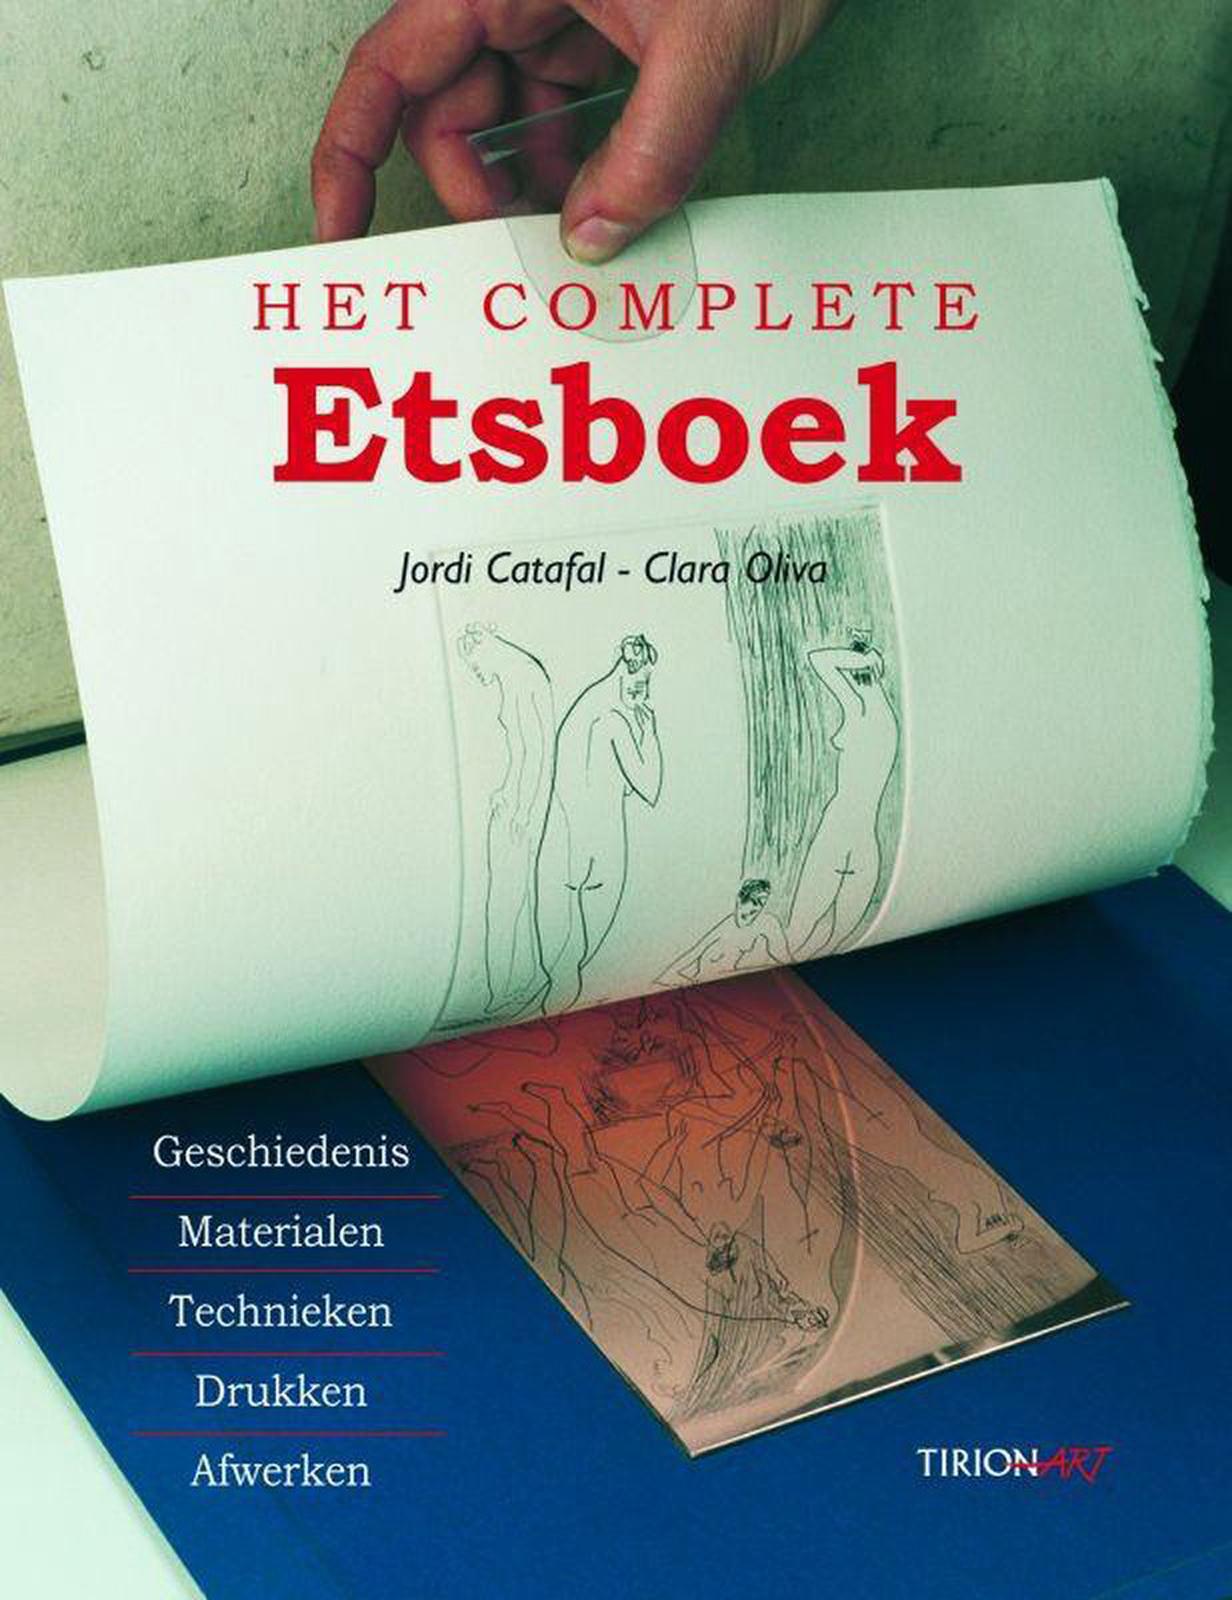 Het complete handboek etsen. Jordi Catafal